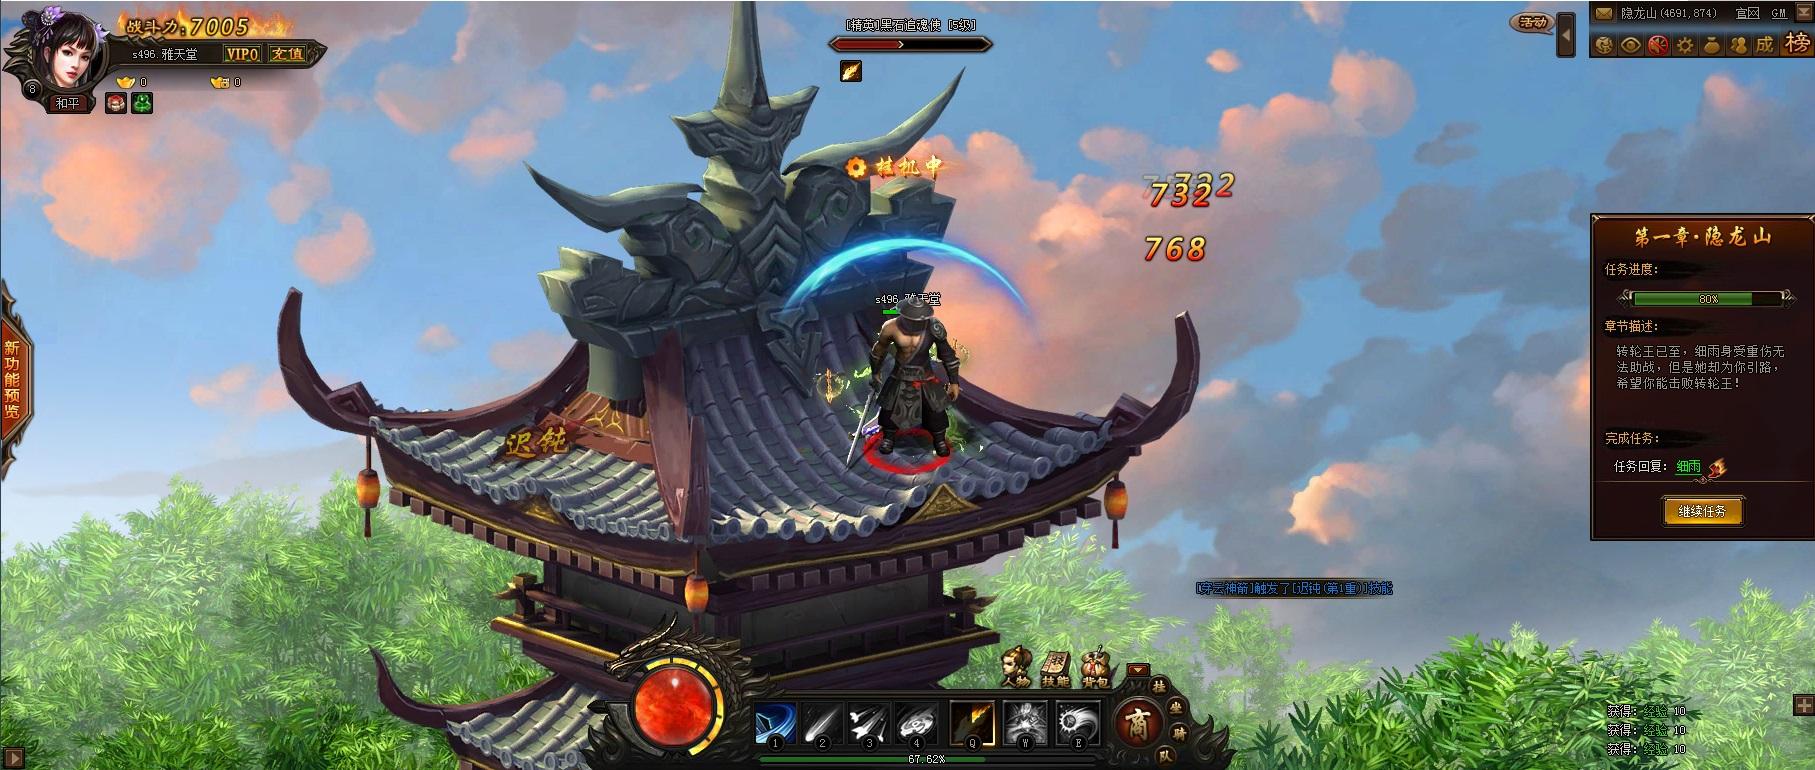 剑雨星辰游戏截图2